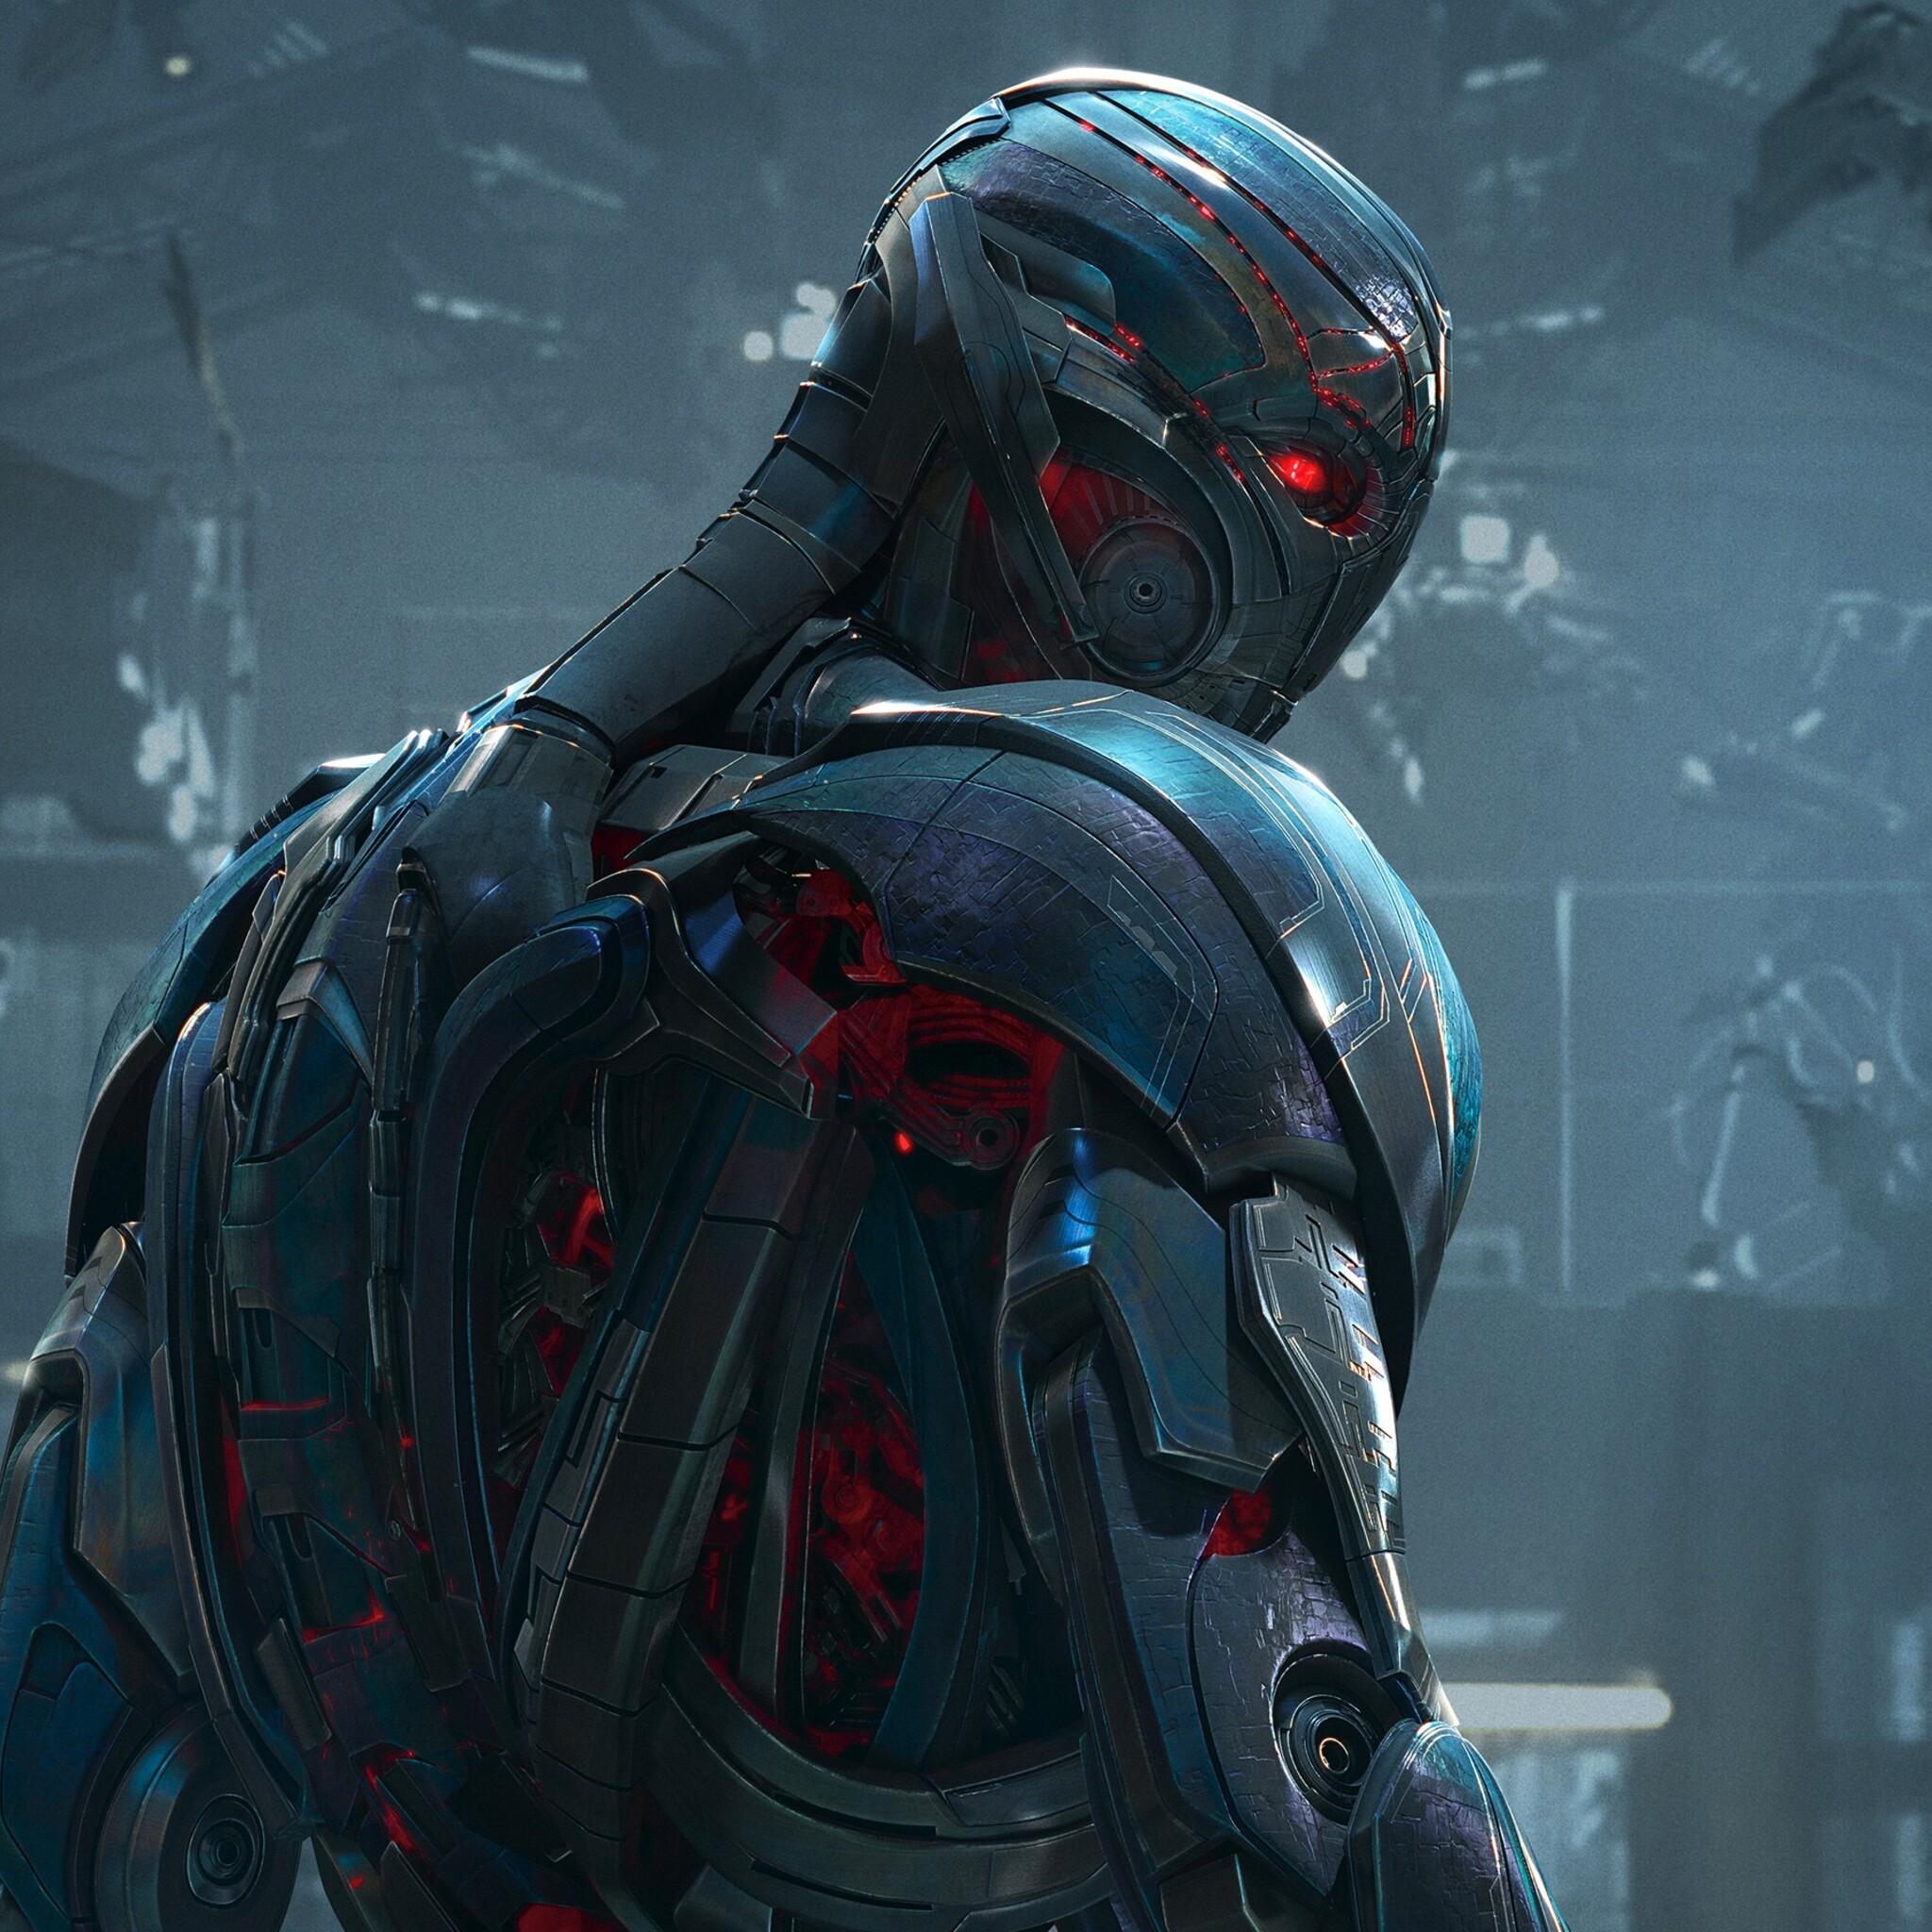 2048x2048 Ultron In Avengers Age Of Ultron Ipad Air HD 4k ...